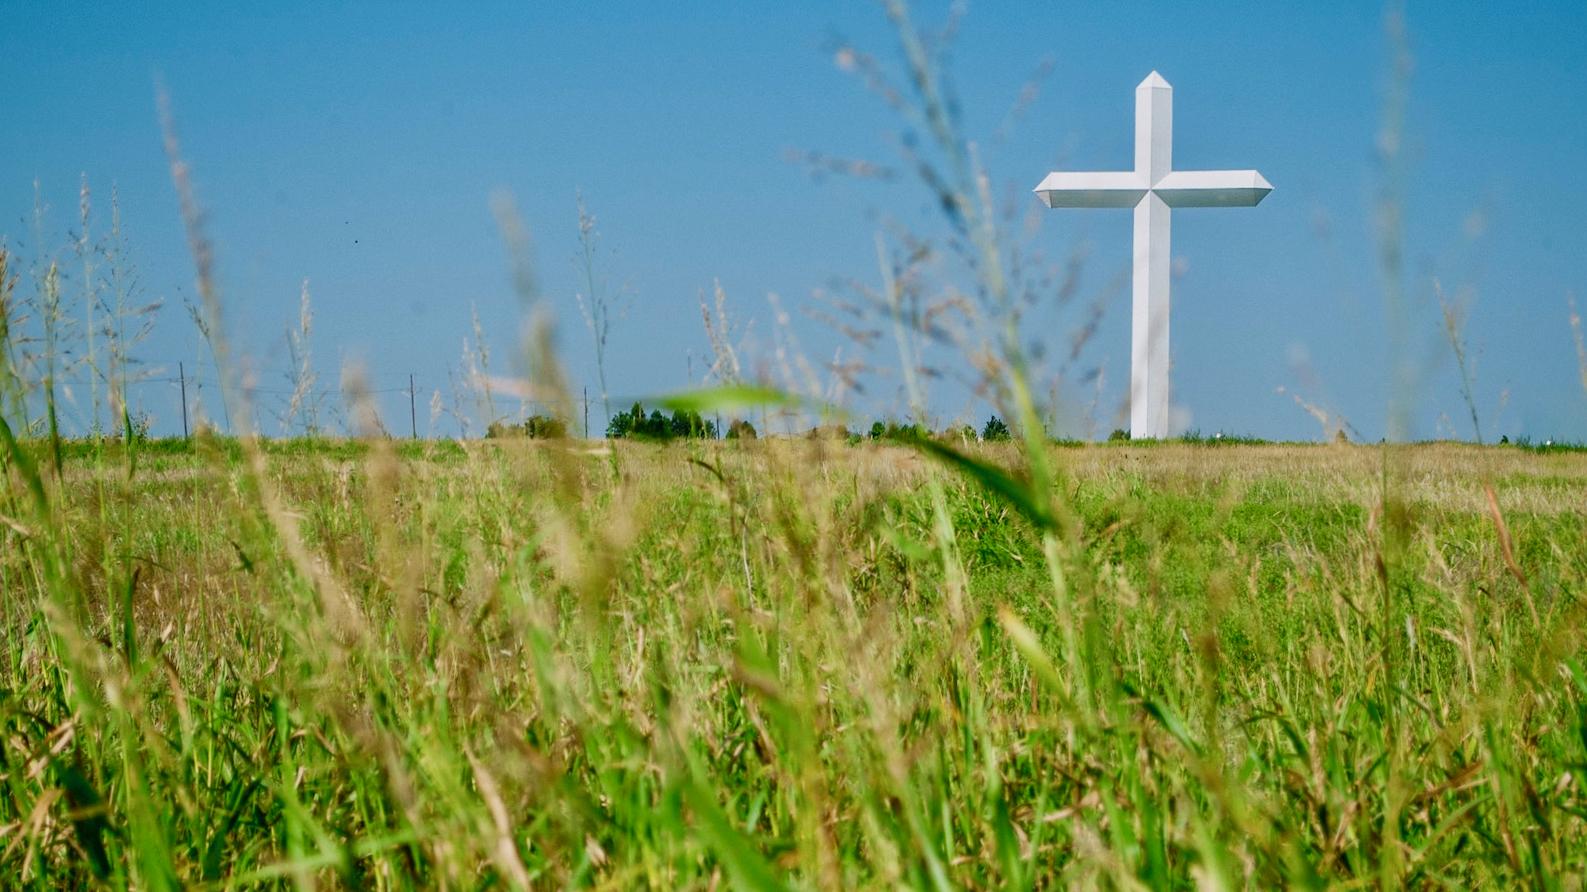 Cross in a field.